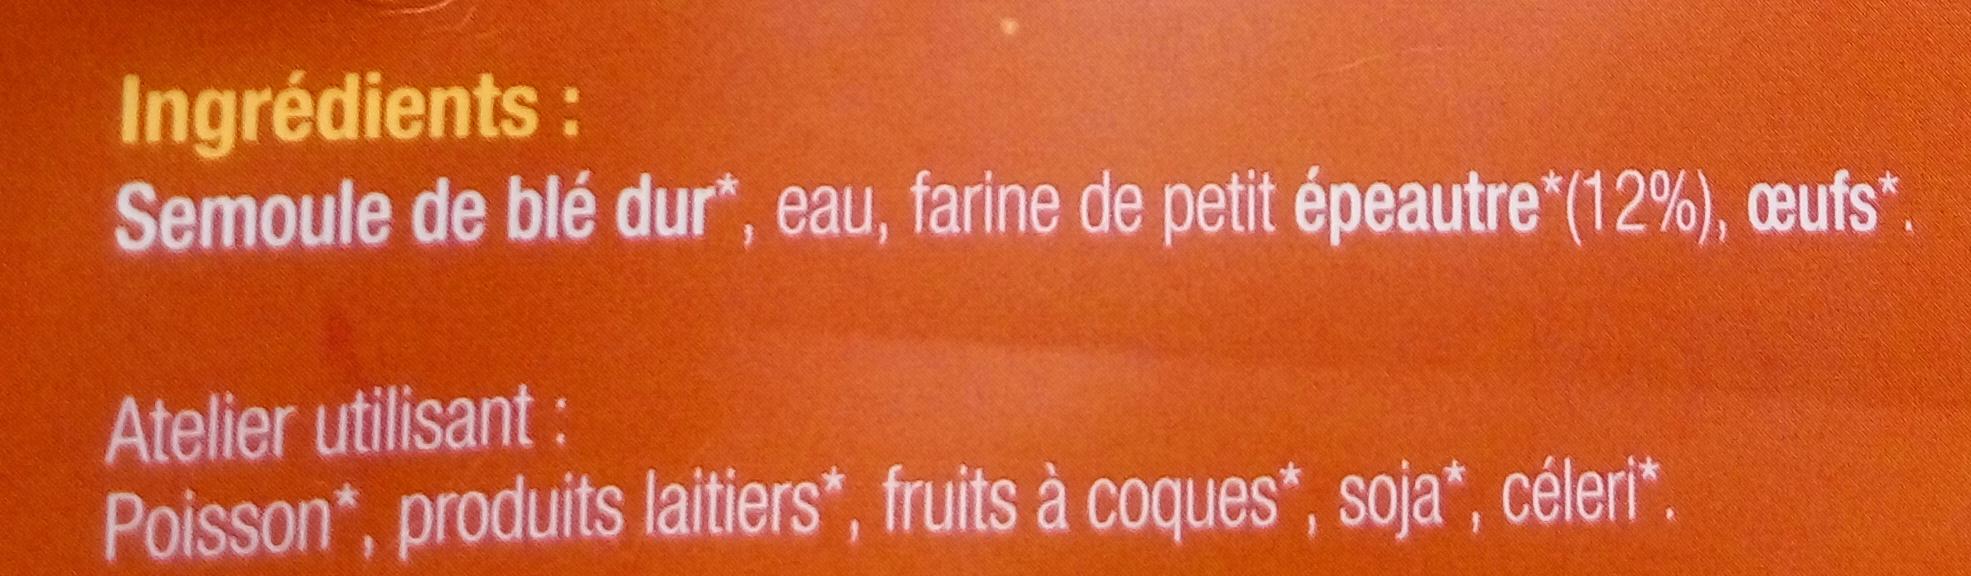 Pâtes au petit épeautre - Ingrédients - fr